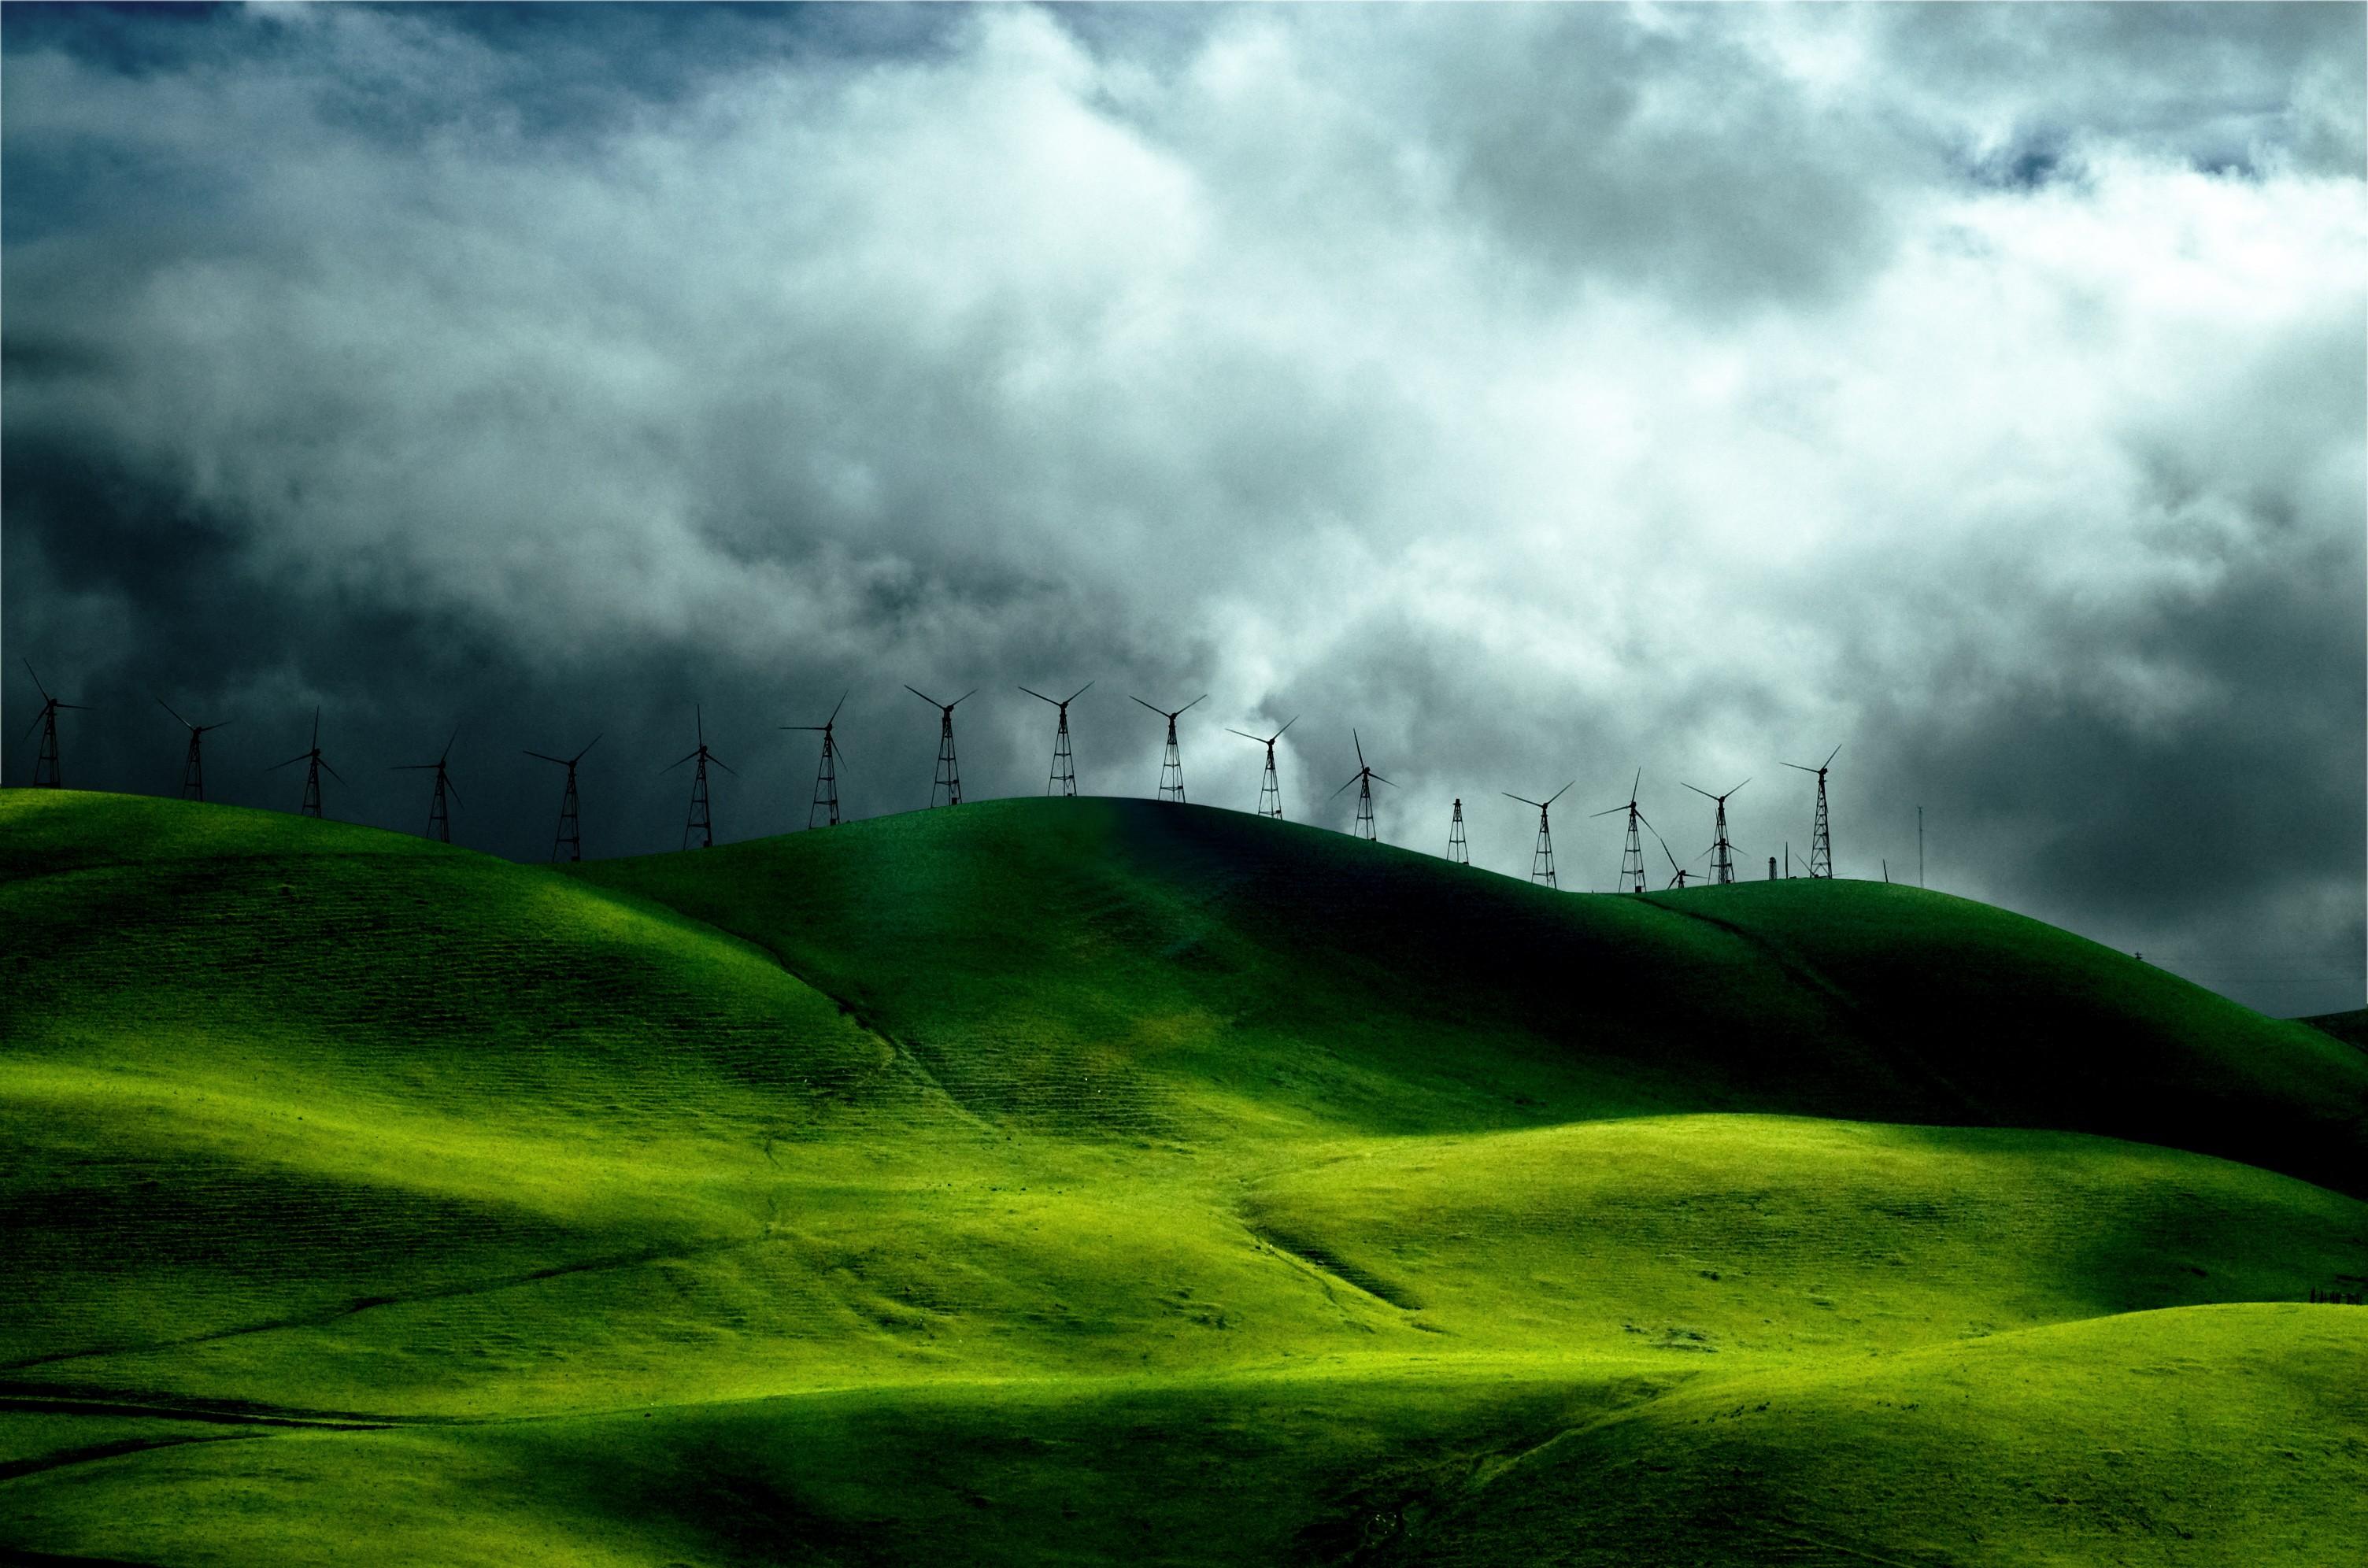 Зеленый травяной холм бесплатно